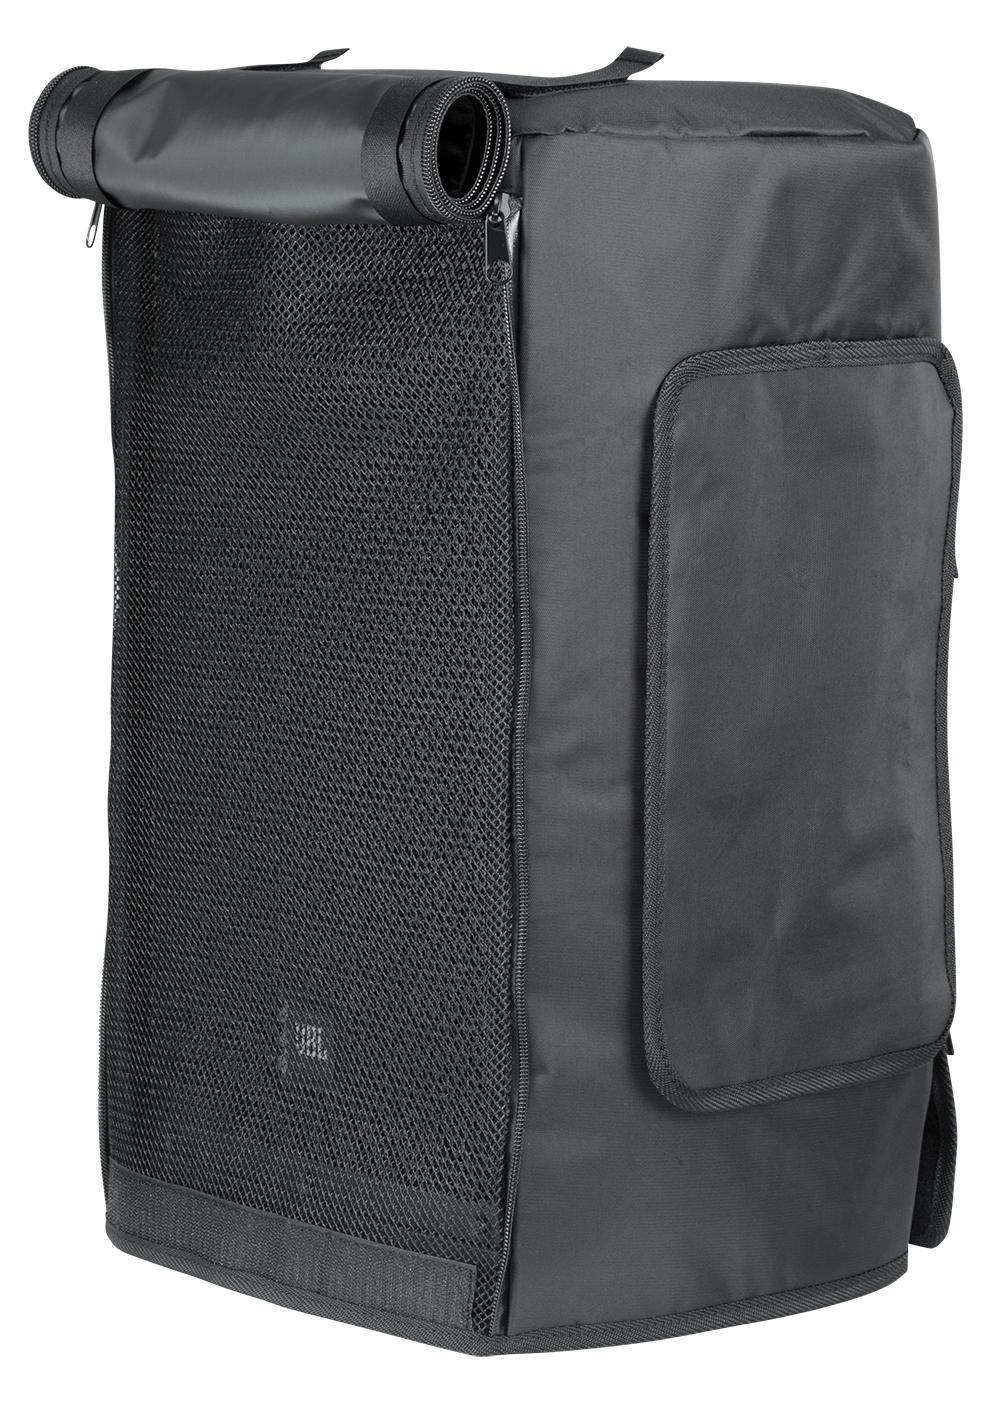 Pair JBL Bags EON610-CVR 5 mm Padding Covers for EON610 Speakers